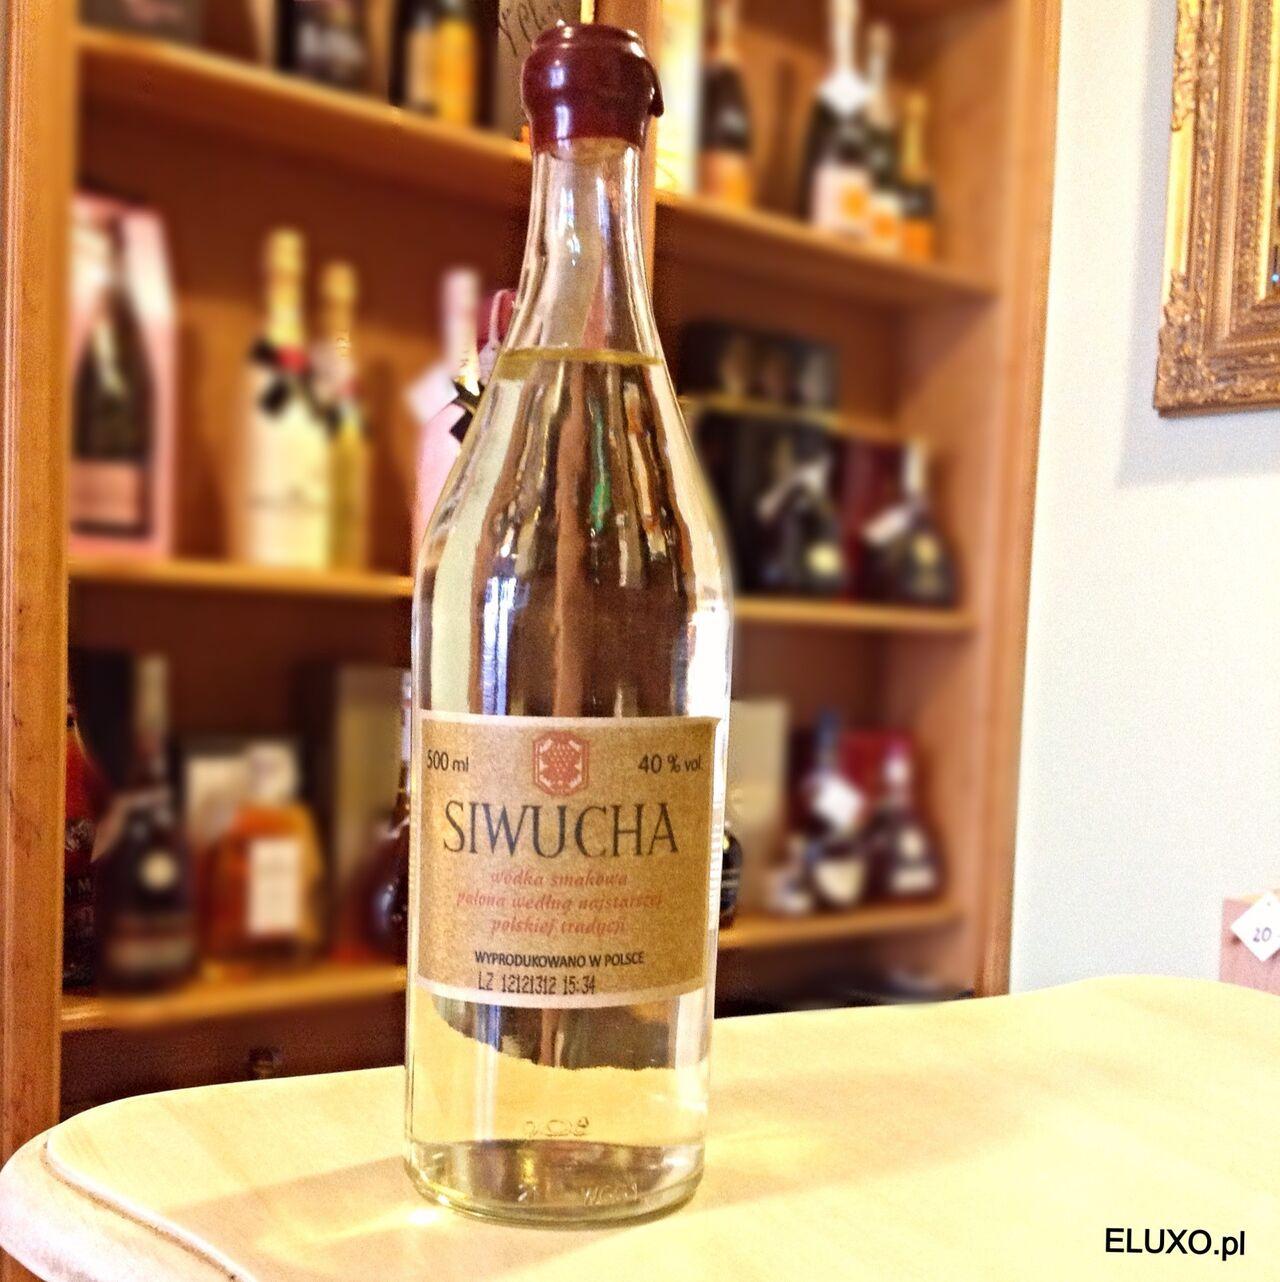 Tradycyjna polska wódka. Siwucha to wódka produkowana według najstarszych polskich przepisów. Składa się z owoców krajowych.